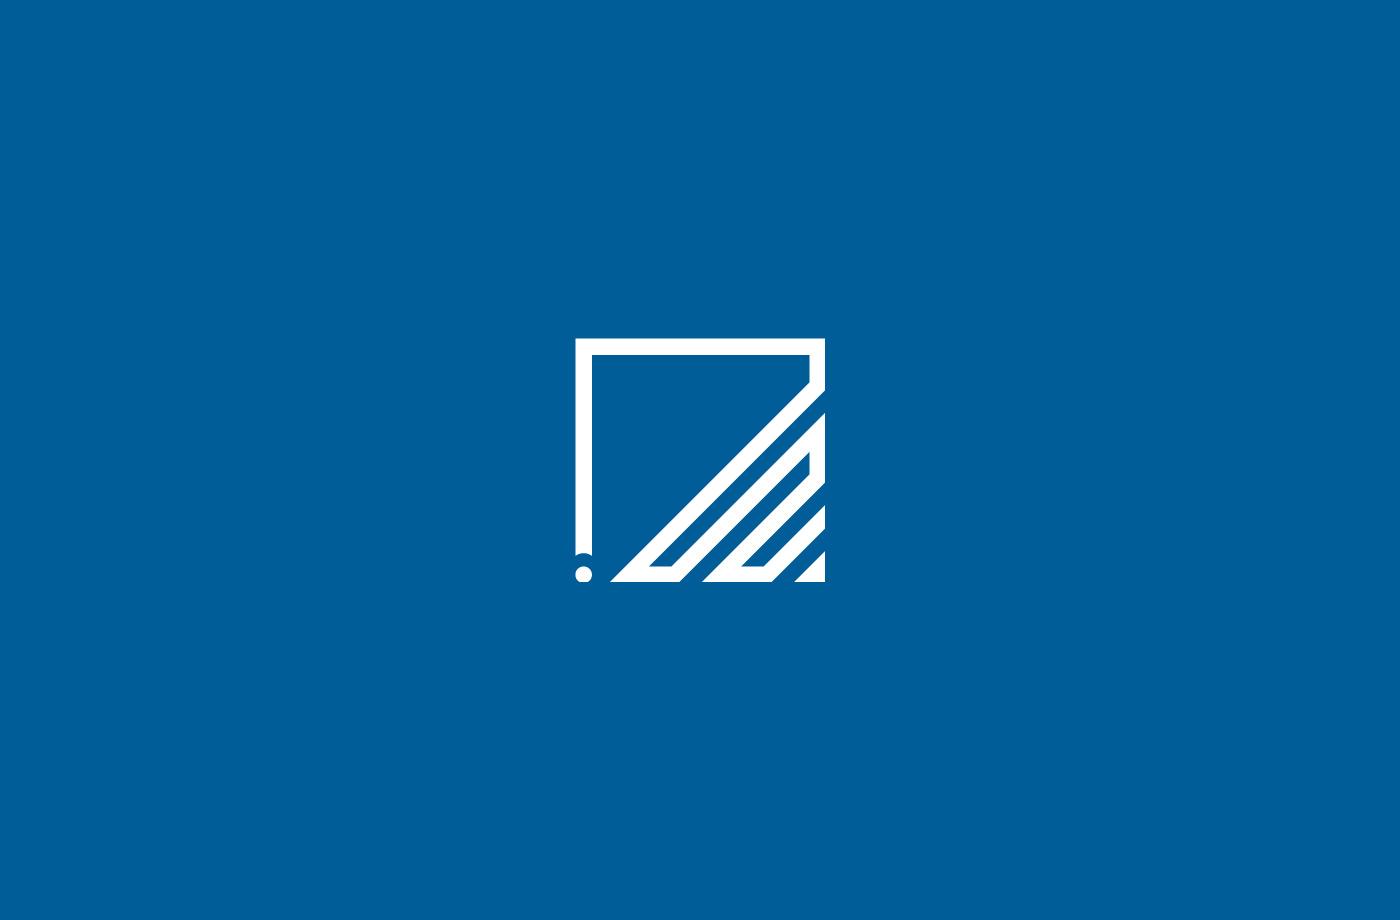 ci-sczesny-brand-icon